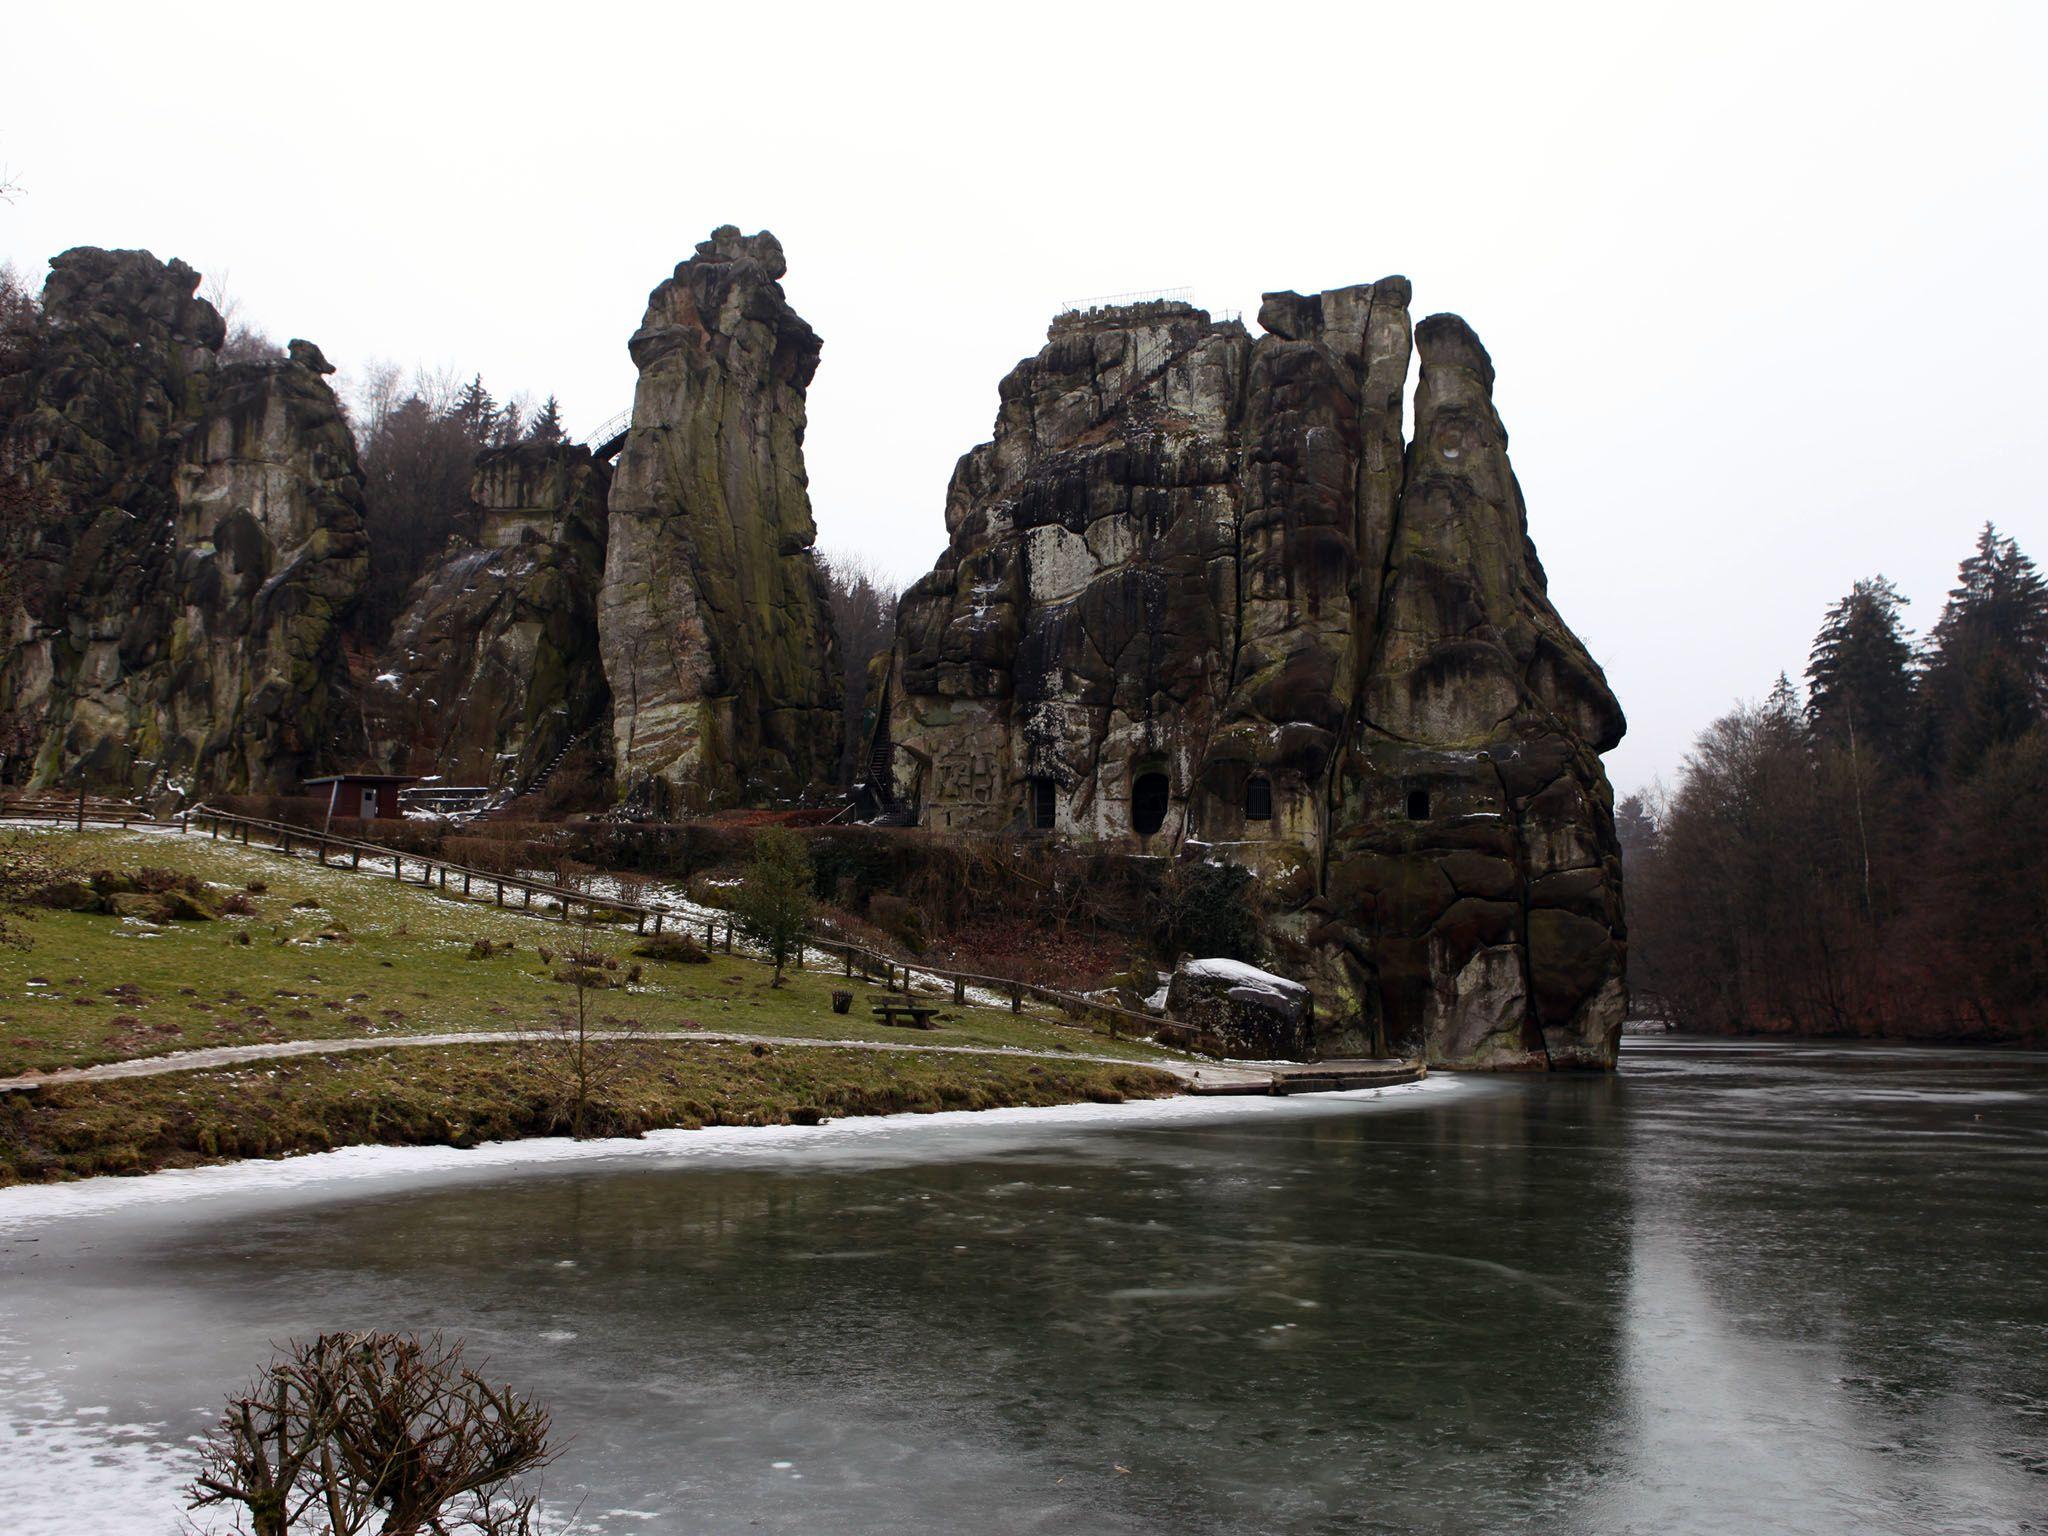 صخور اكسترنشتاينه، ألمانيا: Externsteine Wider، هناك منحوتات... [Photo of the day - أكتوبر 2016]